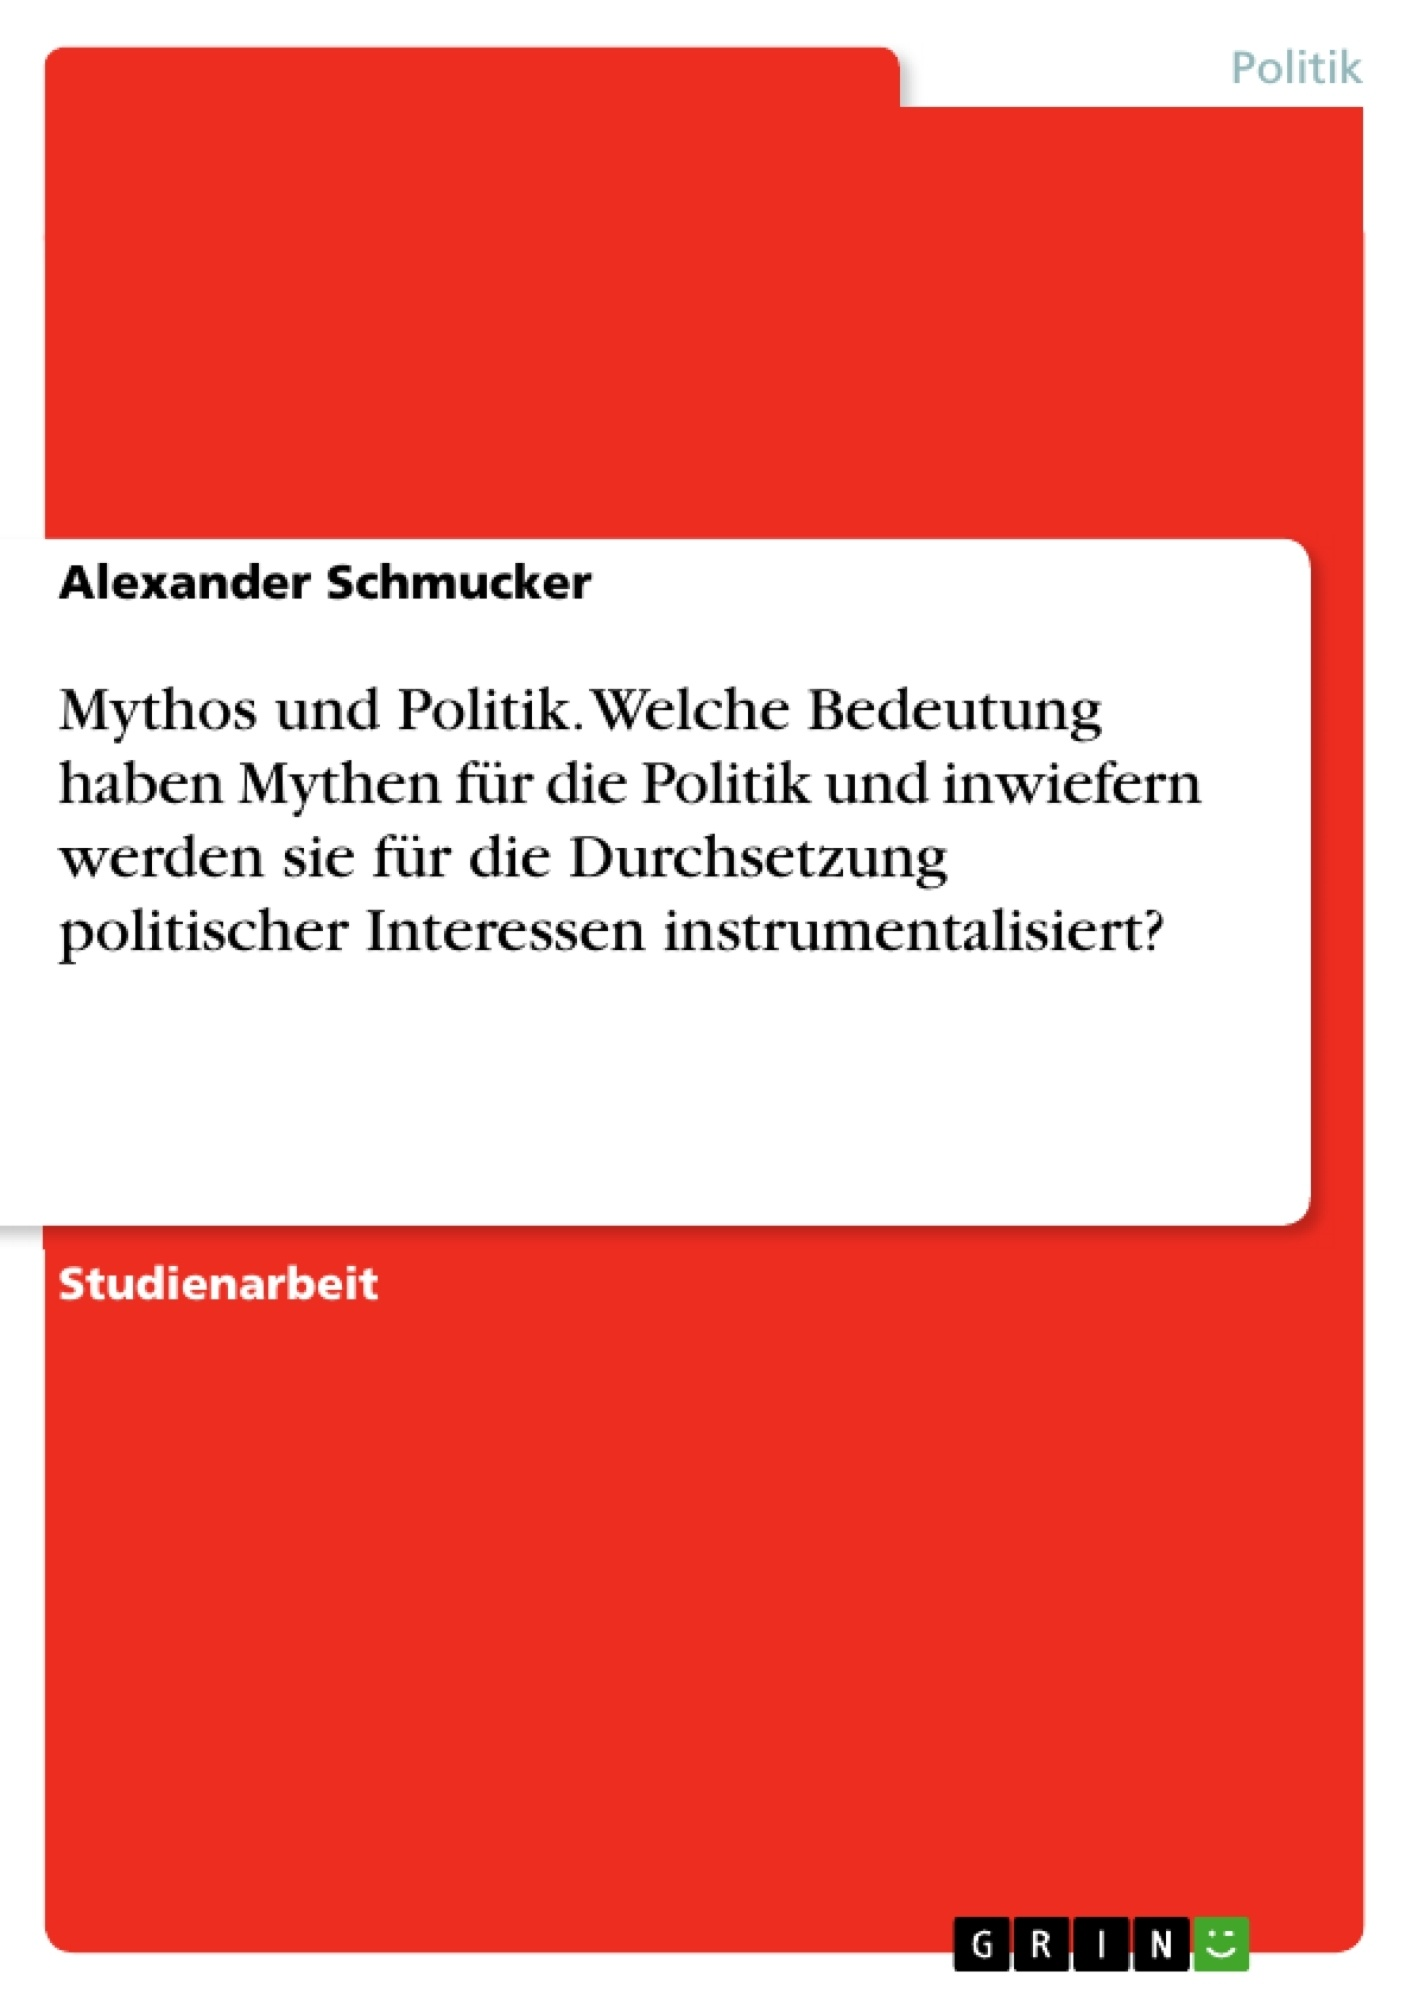 Titel: Mythos und Politik. Welche Bedeutung haben Mythen für die Politik und inwiefern werden sie für die Durchsetzung politischer Interessen instrumentalisiert?